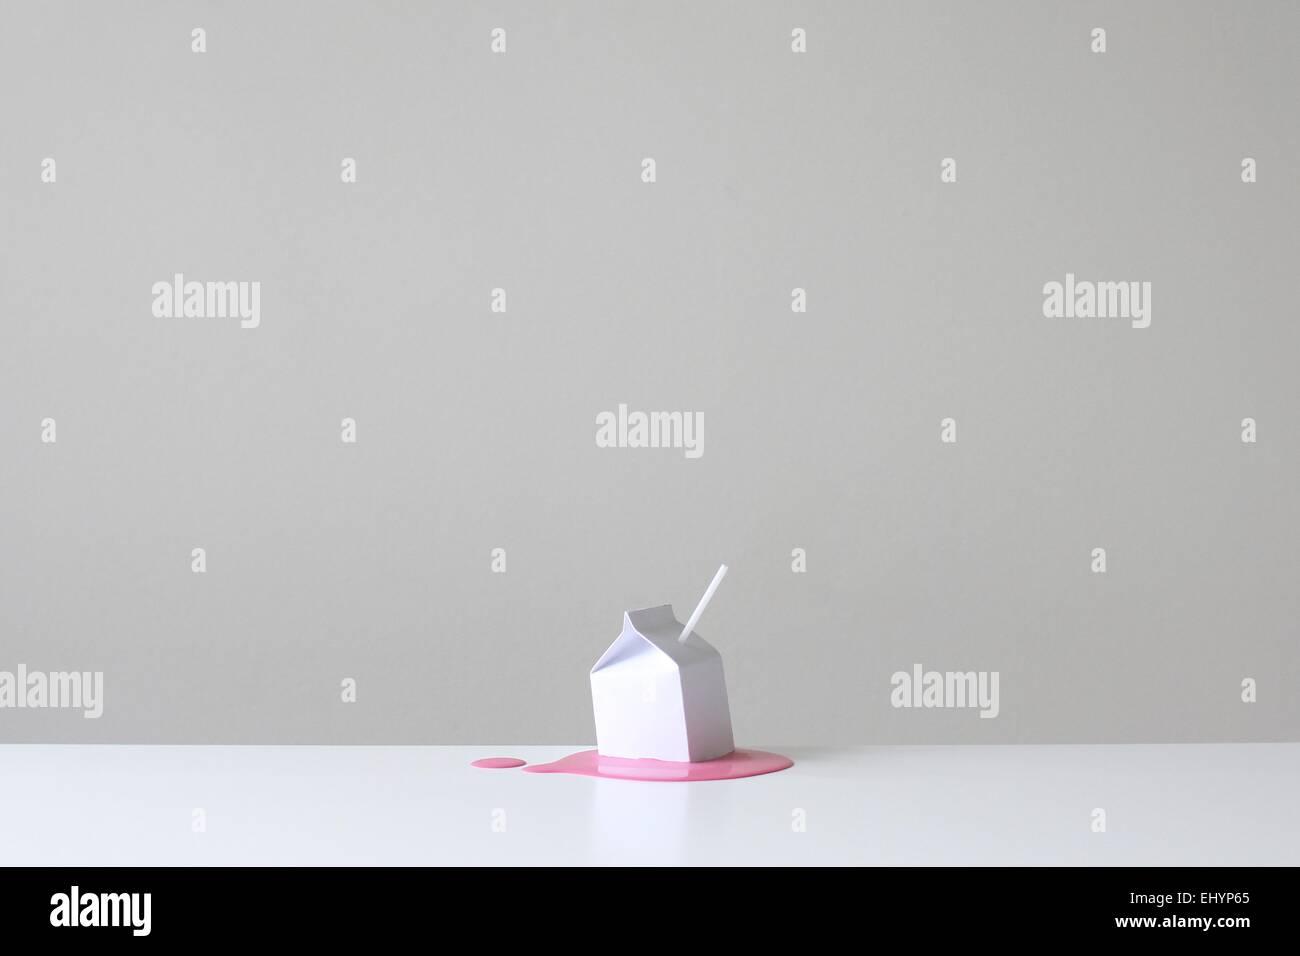 Carton de lait conceptuel avec de la paille sur un bassin d2b mcspshop fraise rose Photo Stock